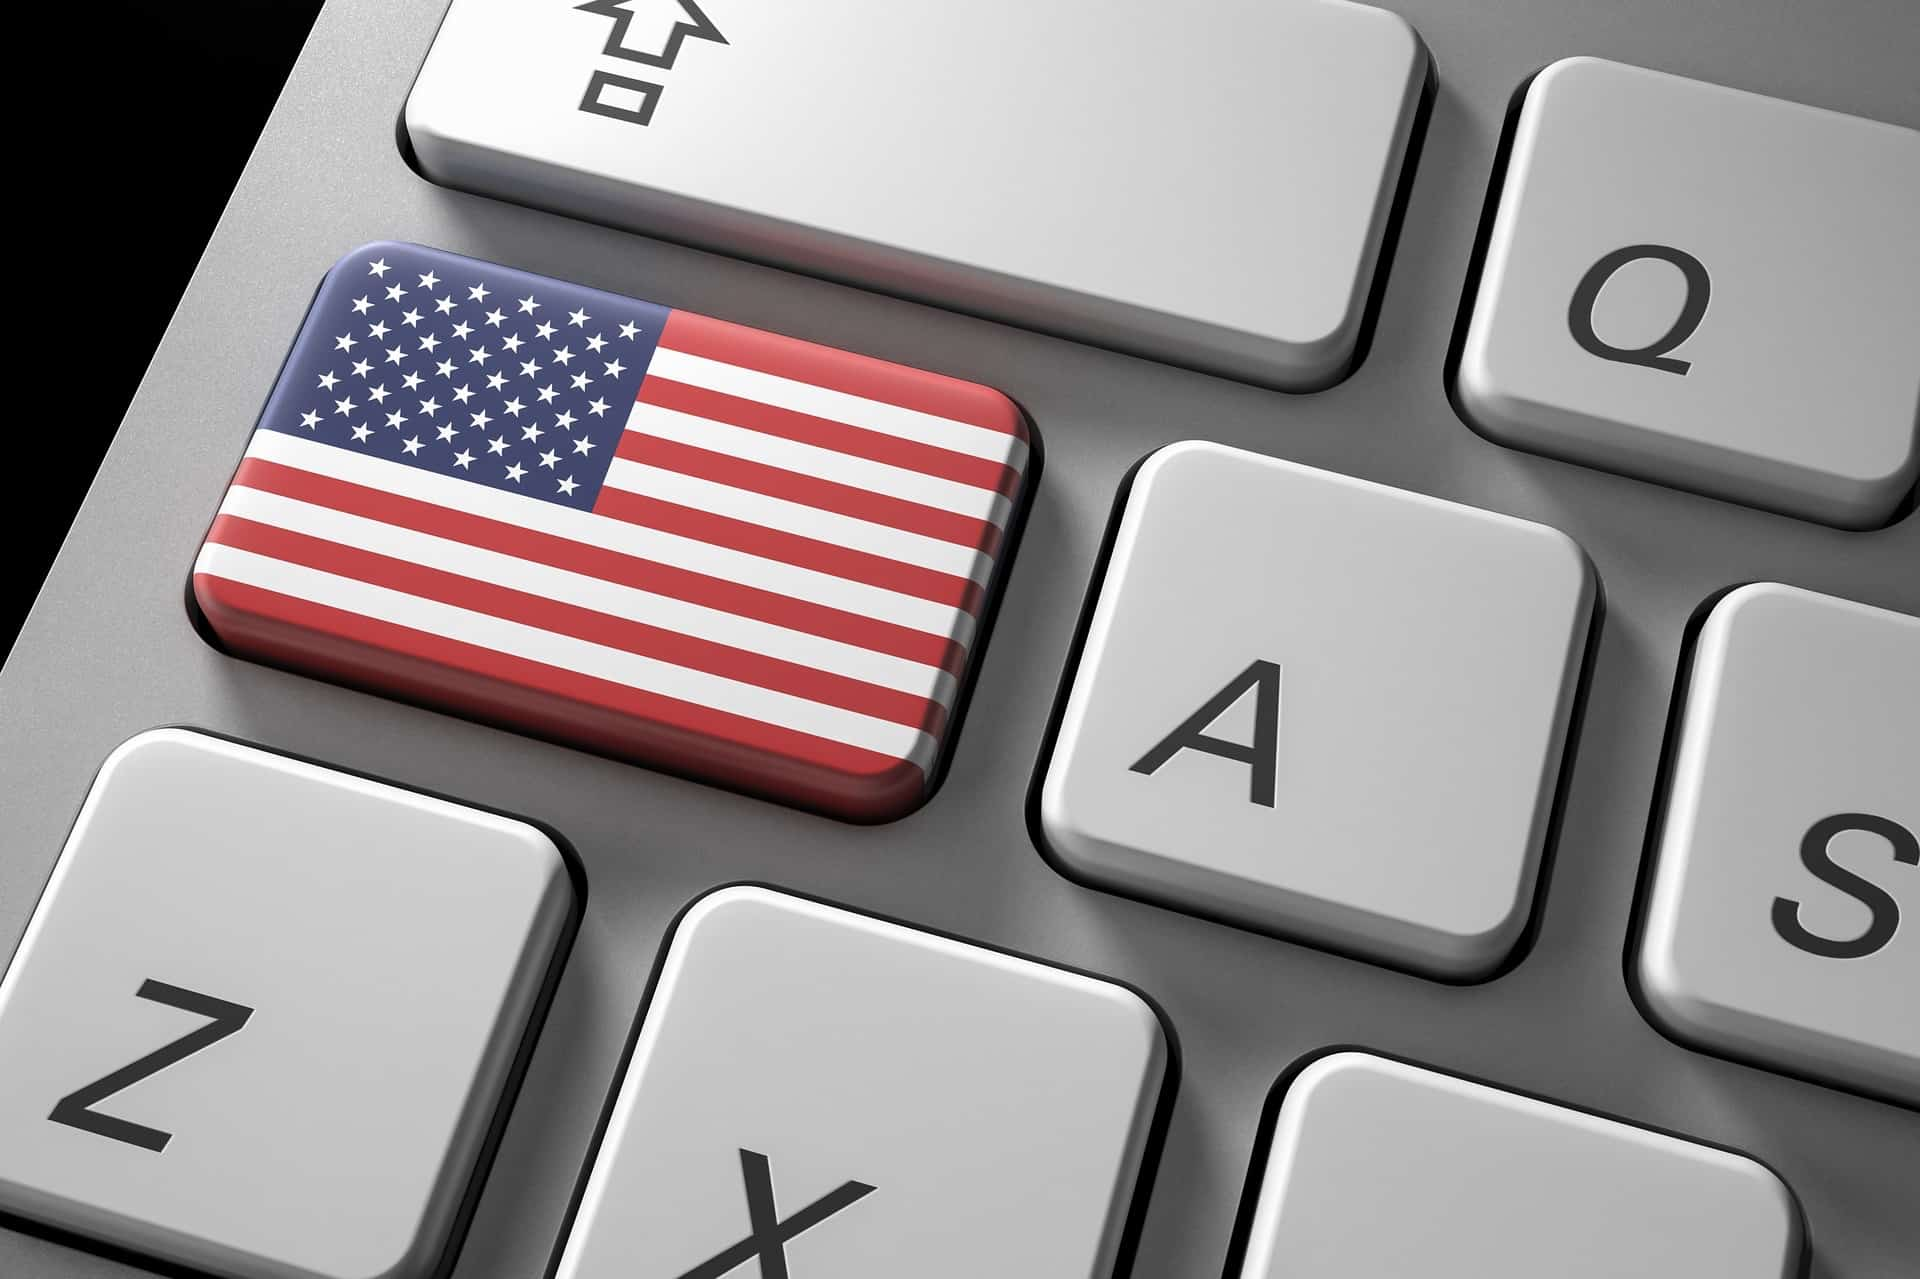 Sklep internetowy w USA